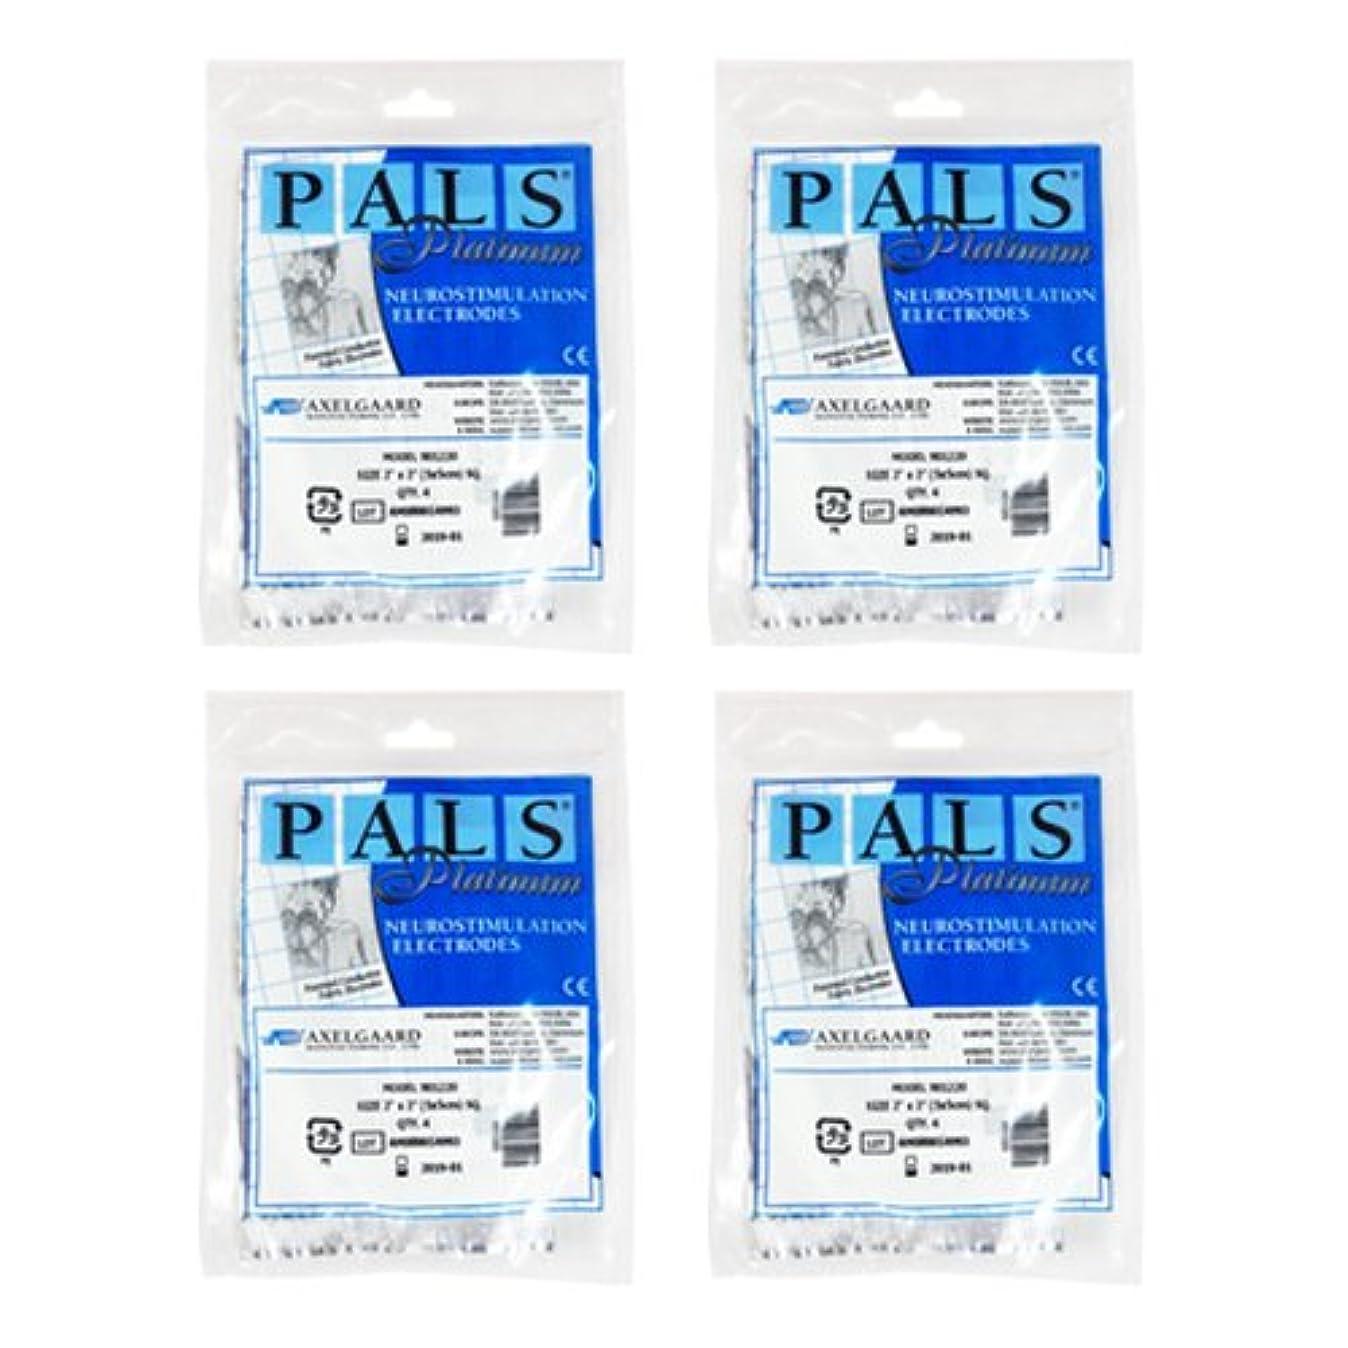 置換スーパーマーケット夏敏感肌用アクセルガード ブルー Mサイズ × 4セット 【EMS用粘着パッド】